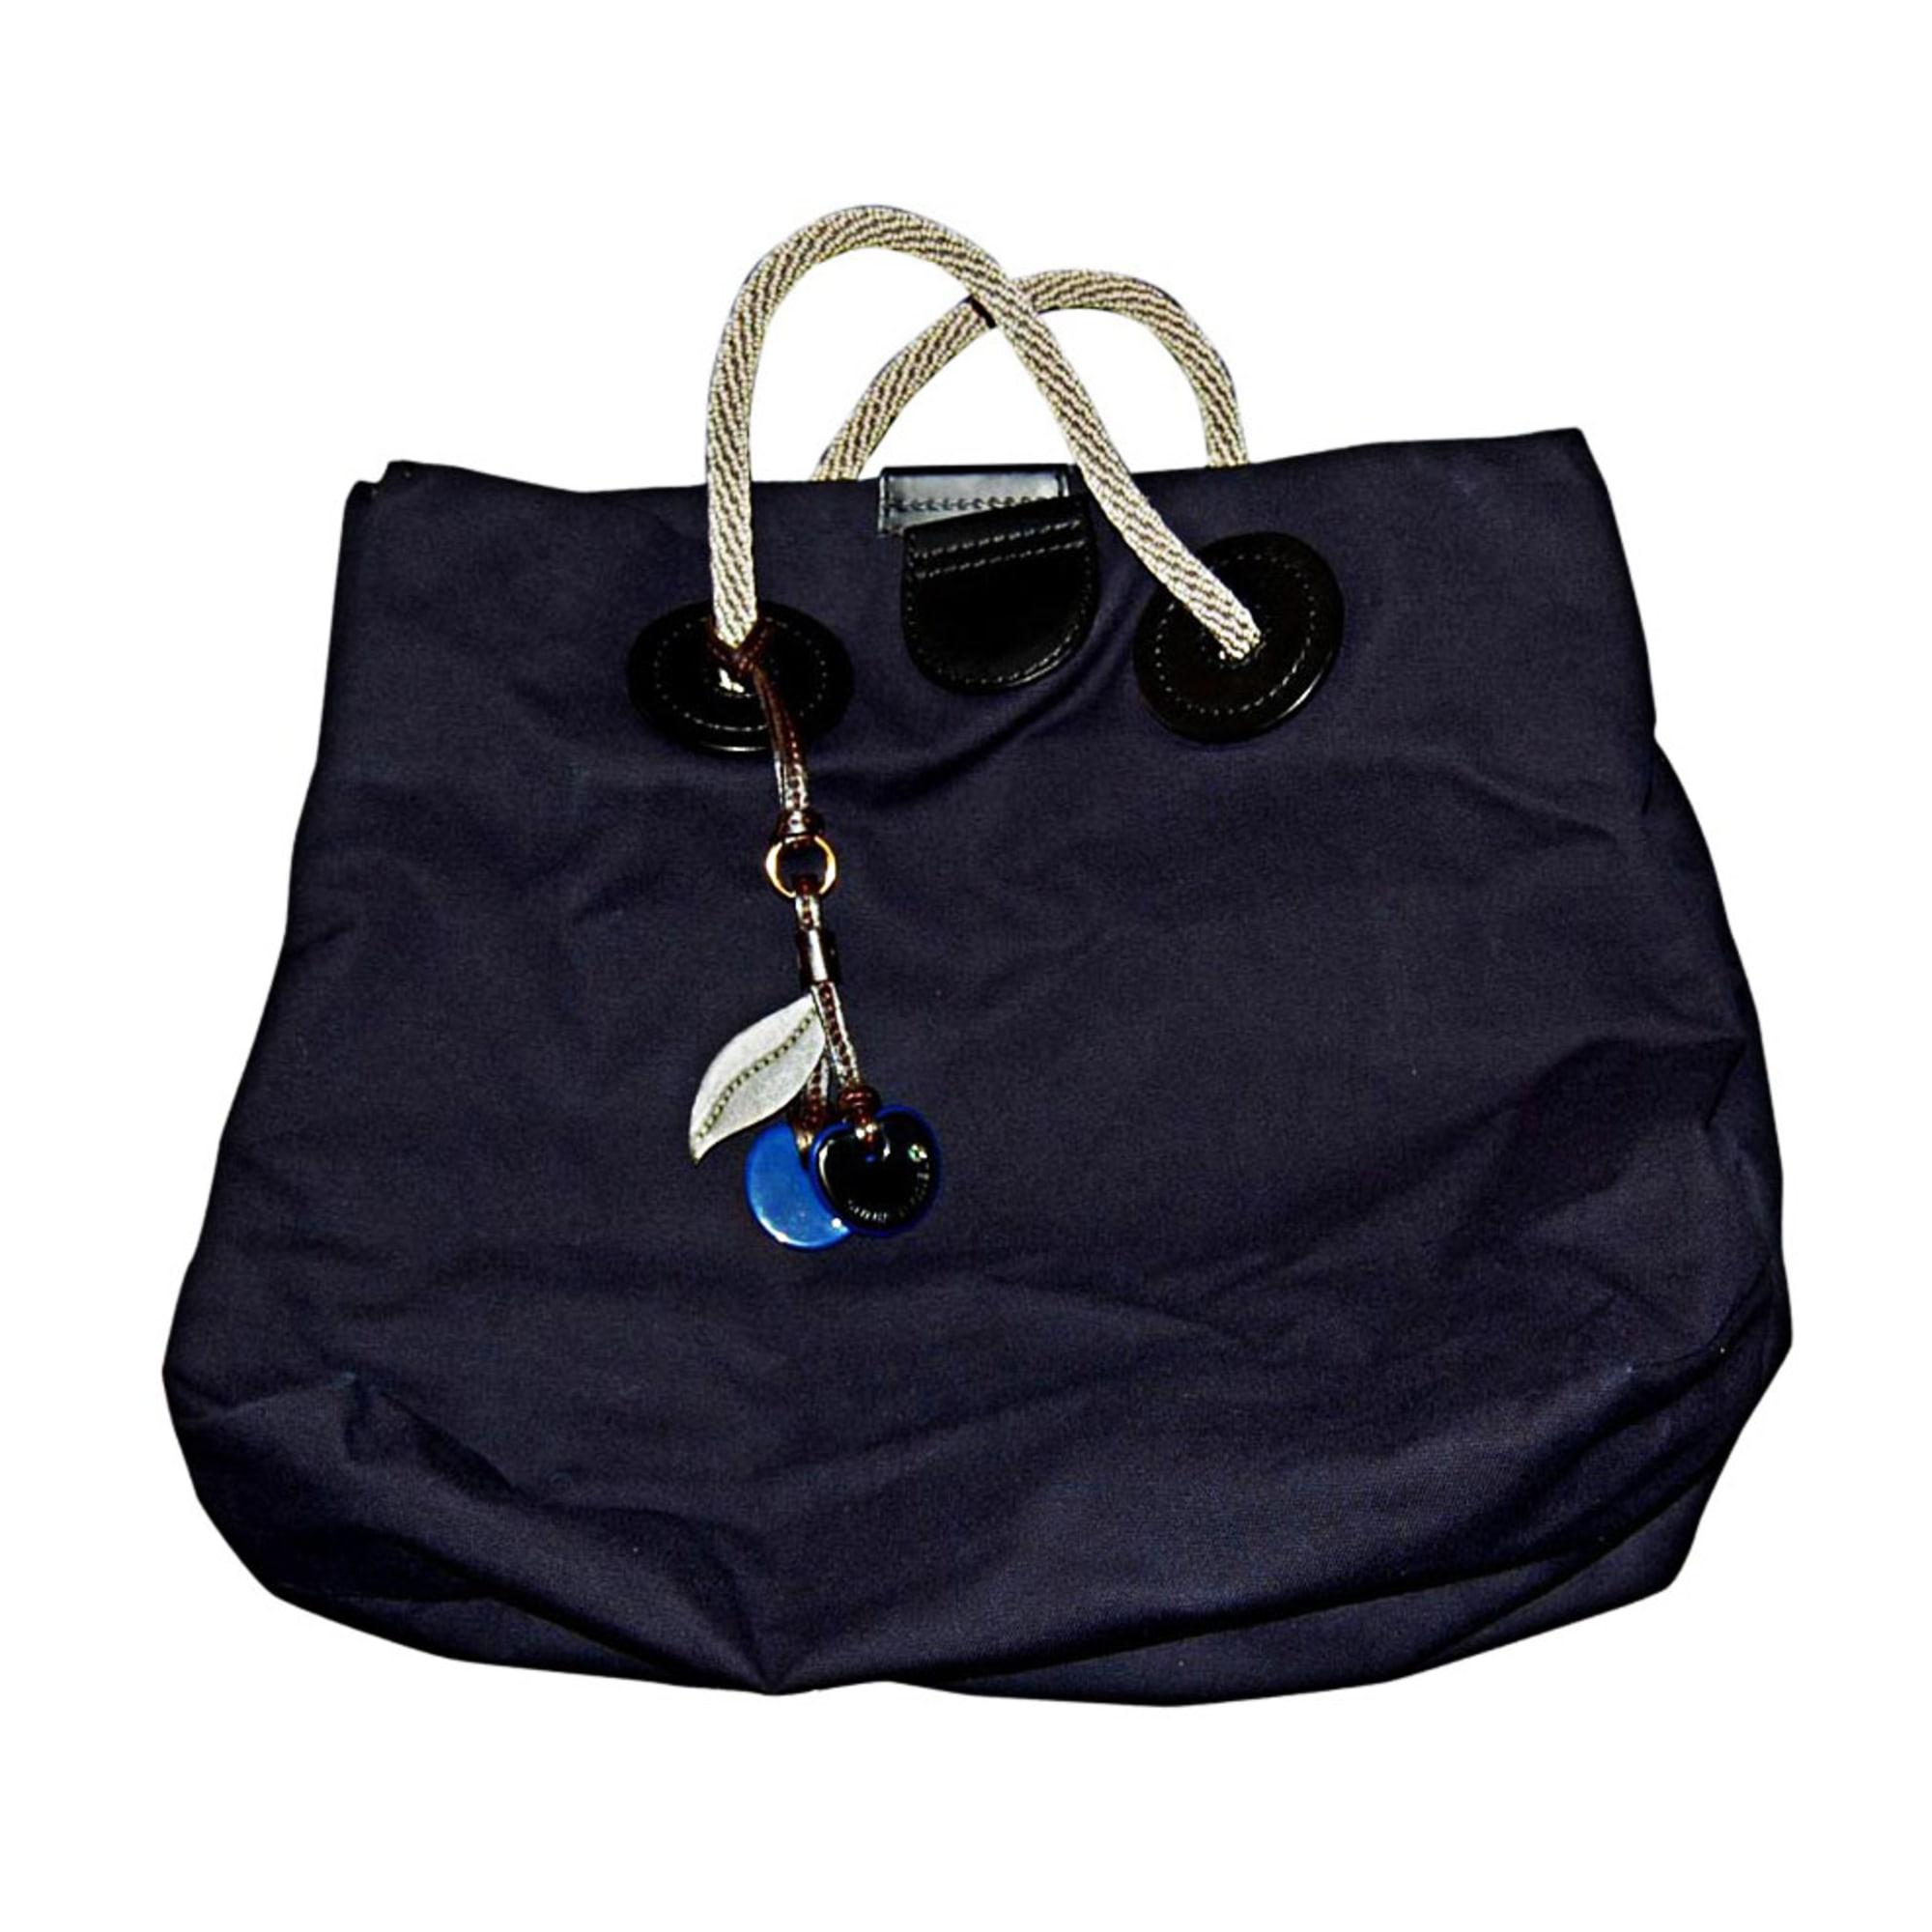 Stoffhandtasche SONIA RYKIEL Blau, marineblau, türkisblau